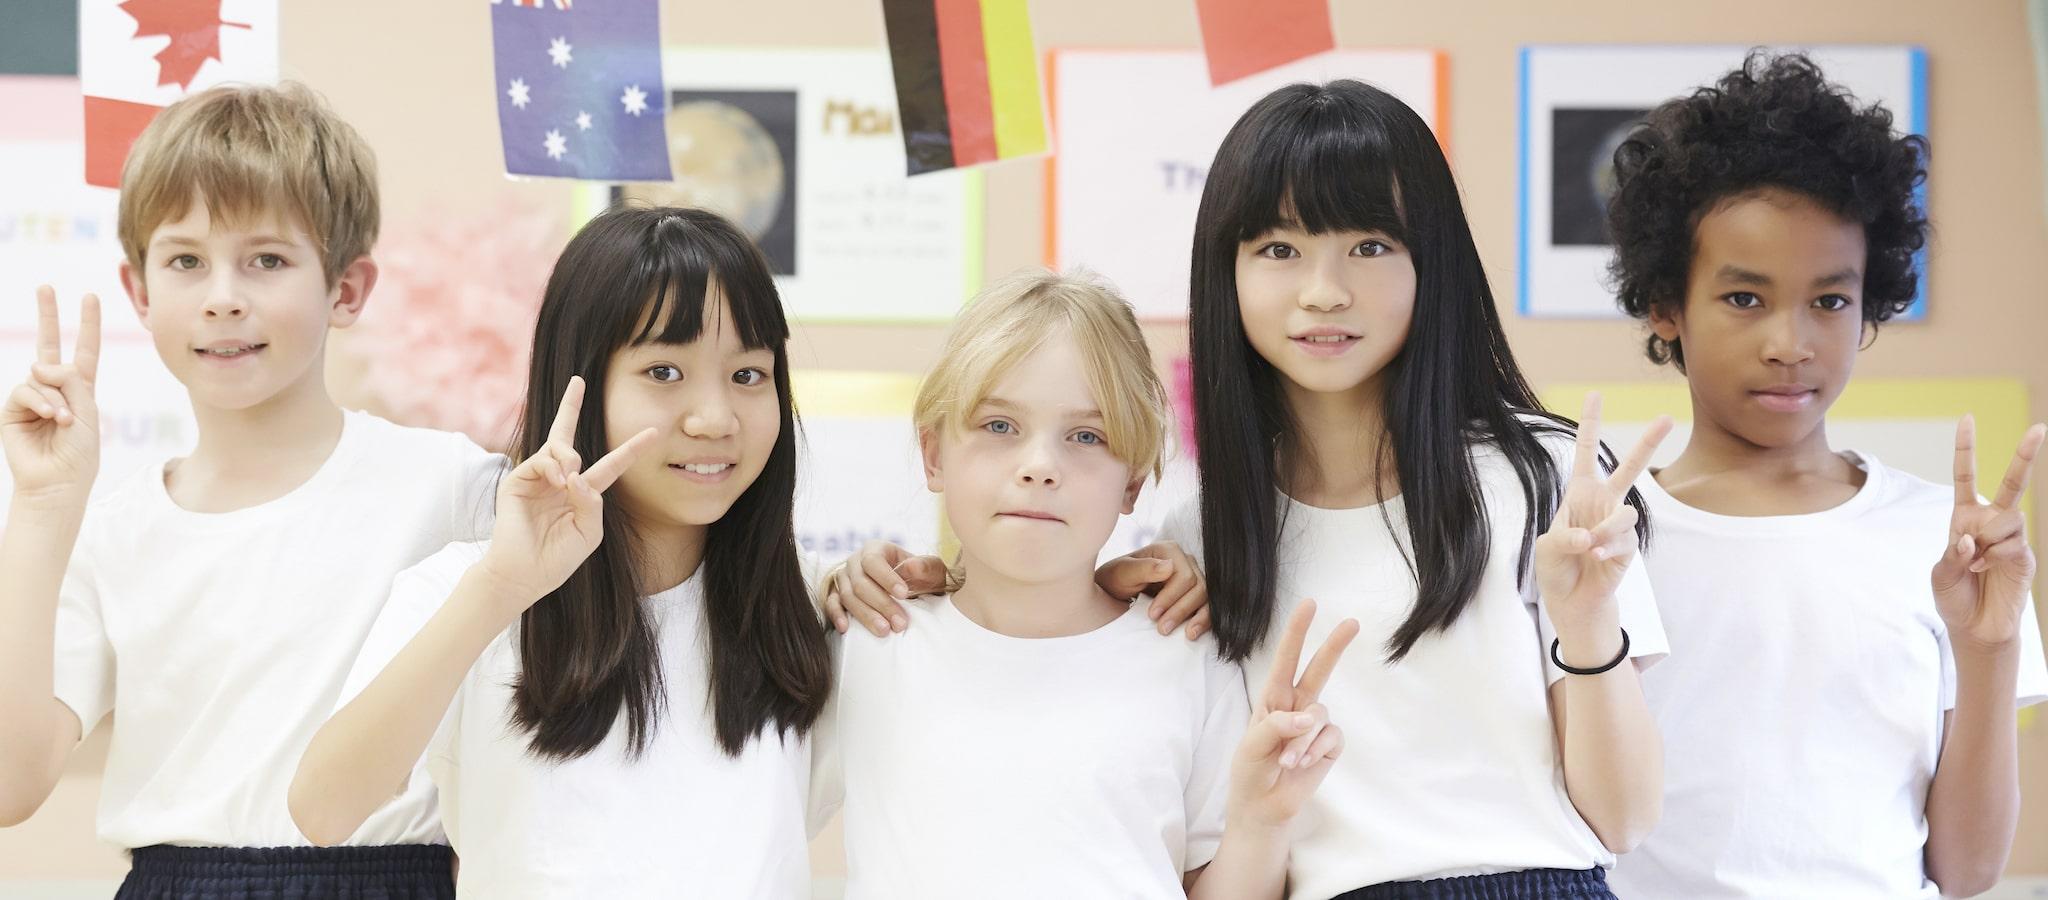 「海外志向」の一般家庭が急増、知られざる背景